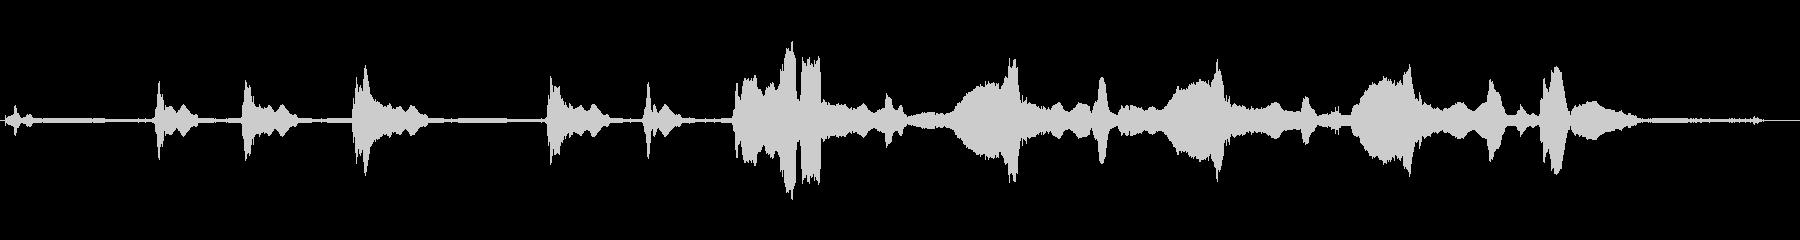 シビックオンボード-エンジン、スタ...の未再生の波形